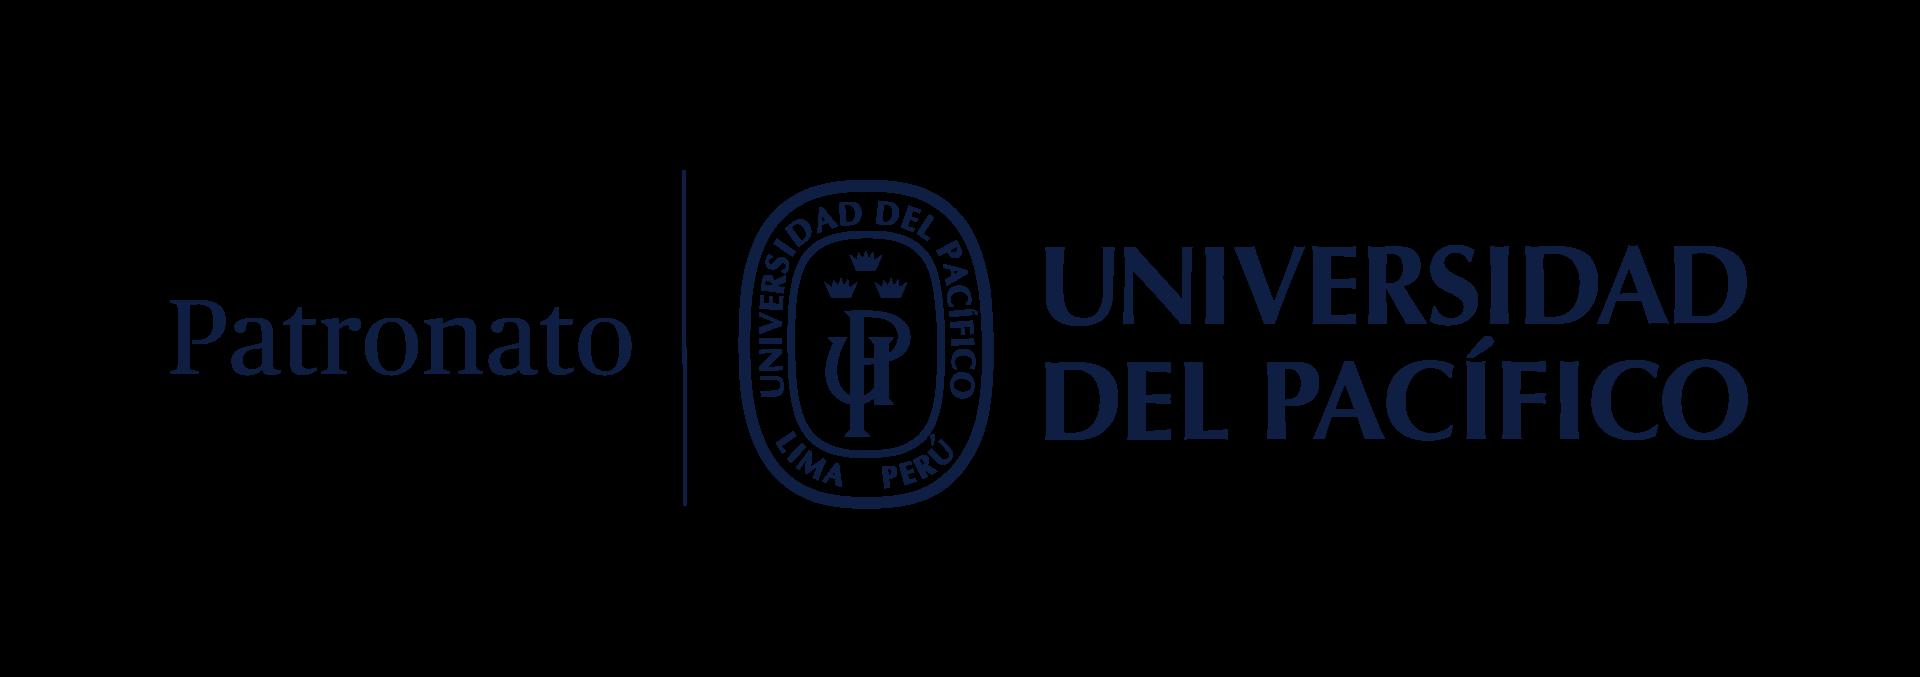 Patronato | Universidad del Pacífico